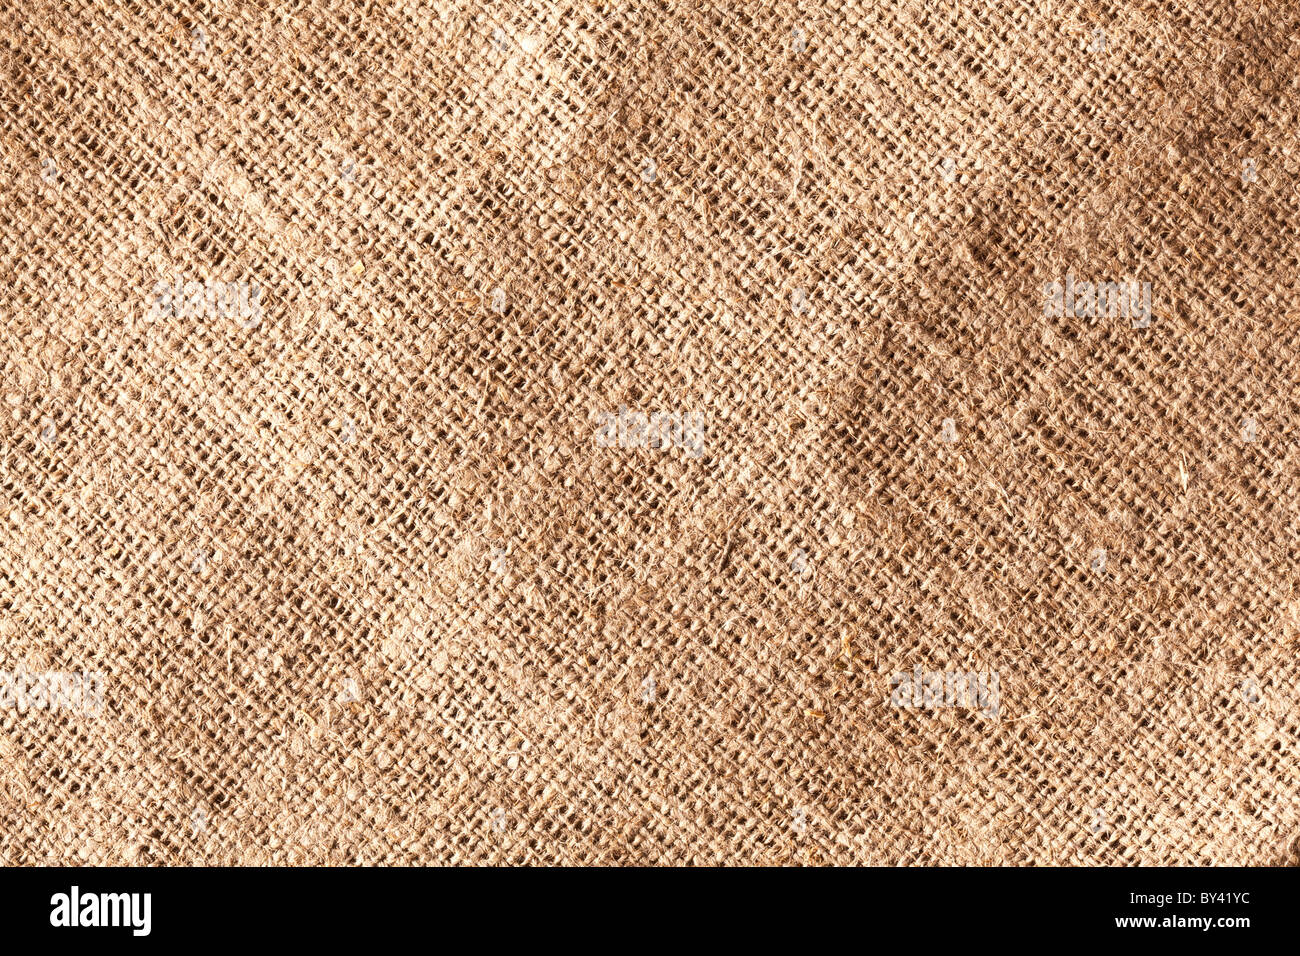 Imagen textura de arpillera. Imagen De Stock